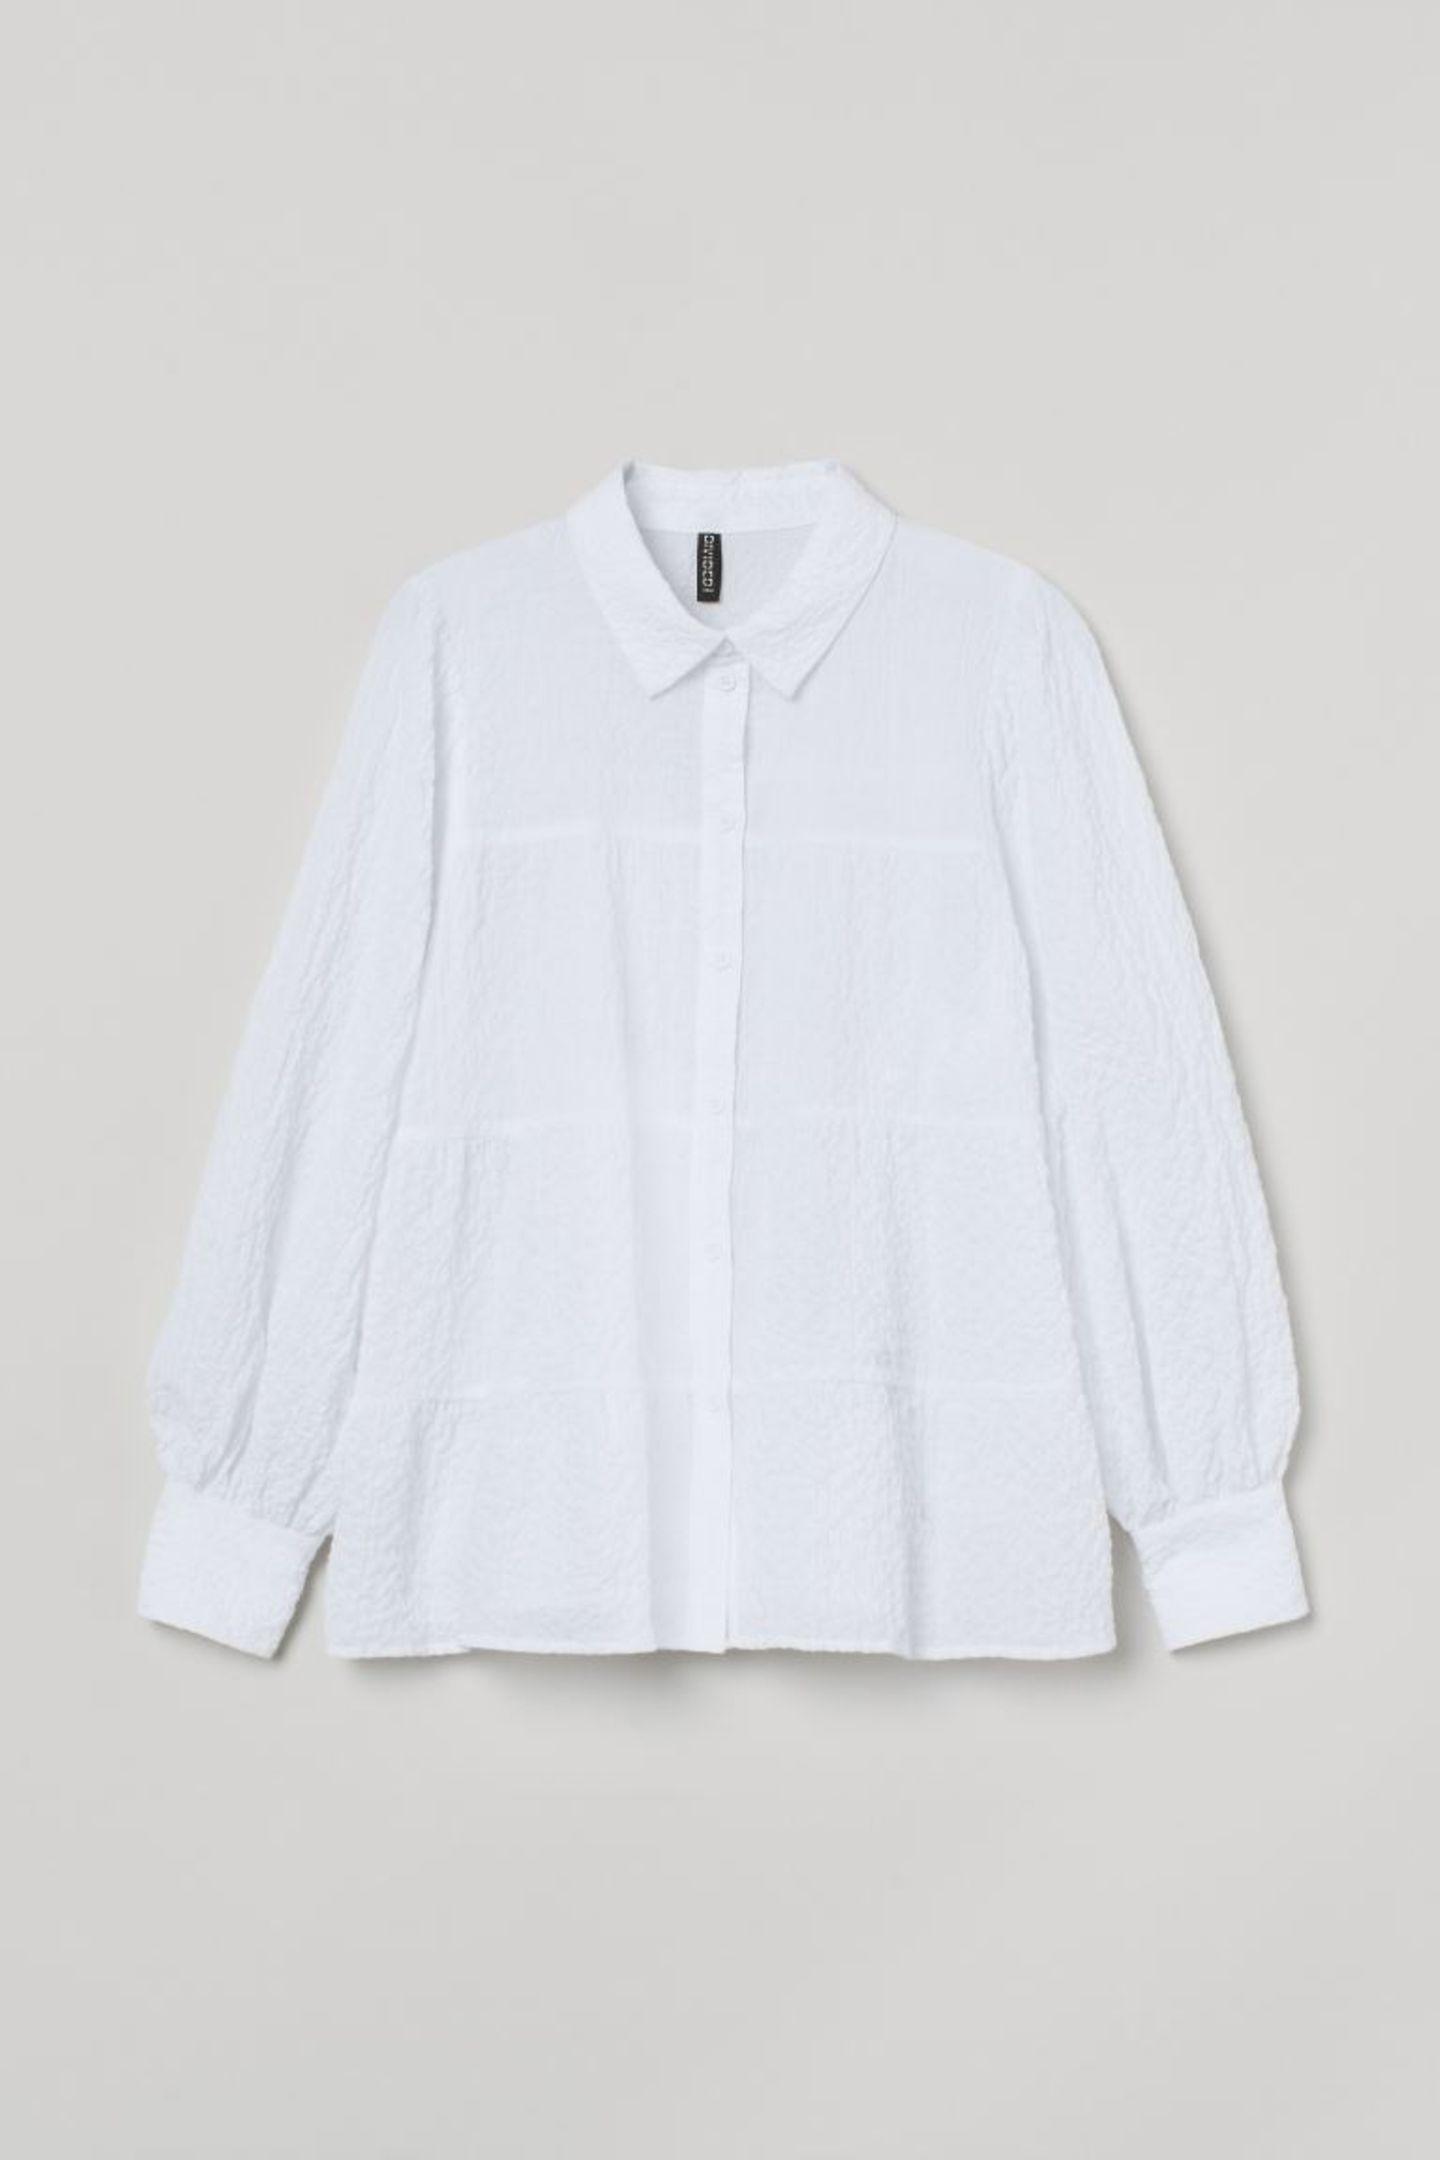 Weiß macht sich hervorragend in jeder Frühlingsgarderobe. Vor allem, wenn sie coole Ballonärmel hat. Crêpe-Bluse von H&M, etwa 25 Euro.